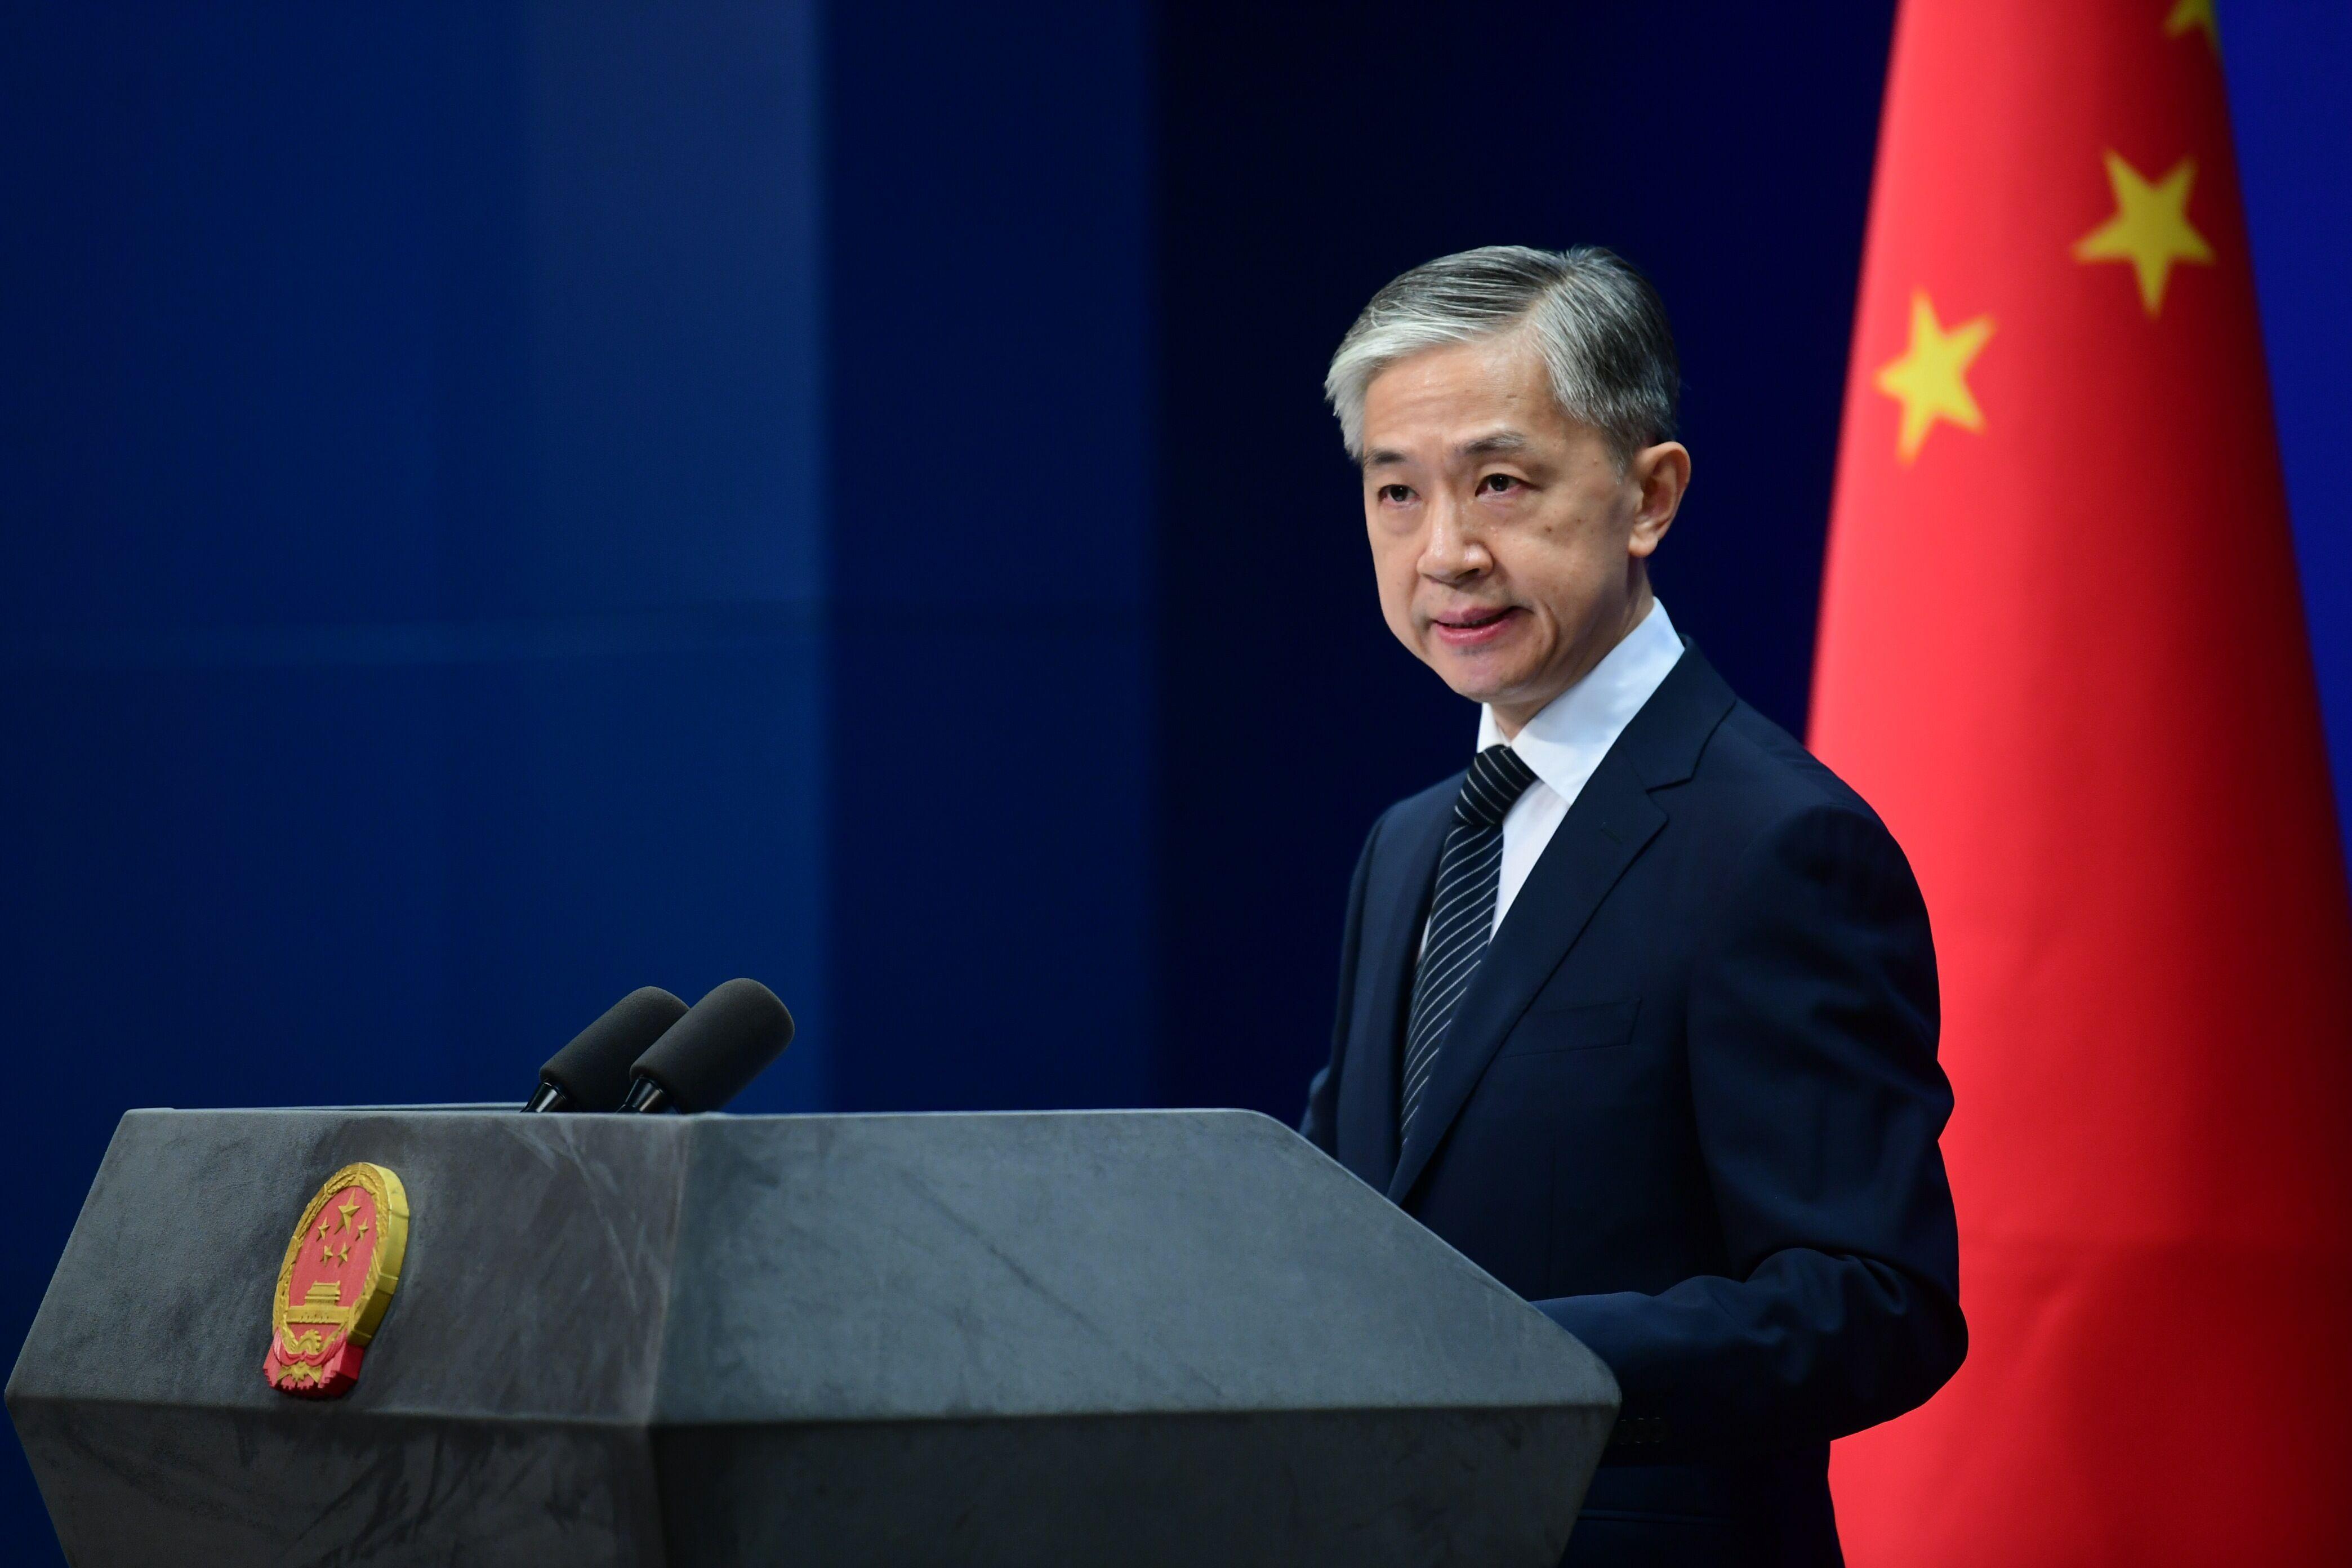 【暗黑币】_美方或拒给中国记者续签 外交部回应